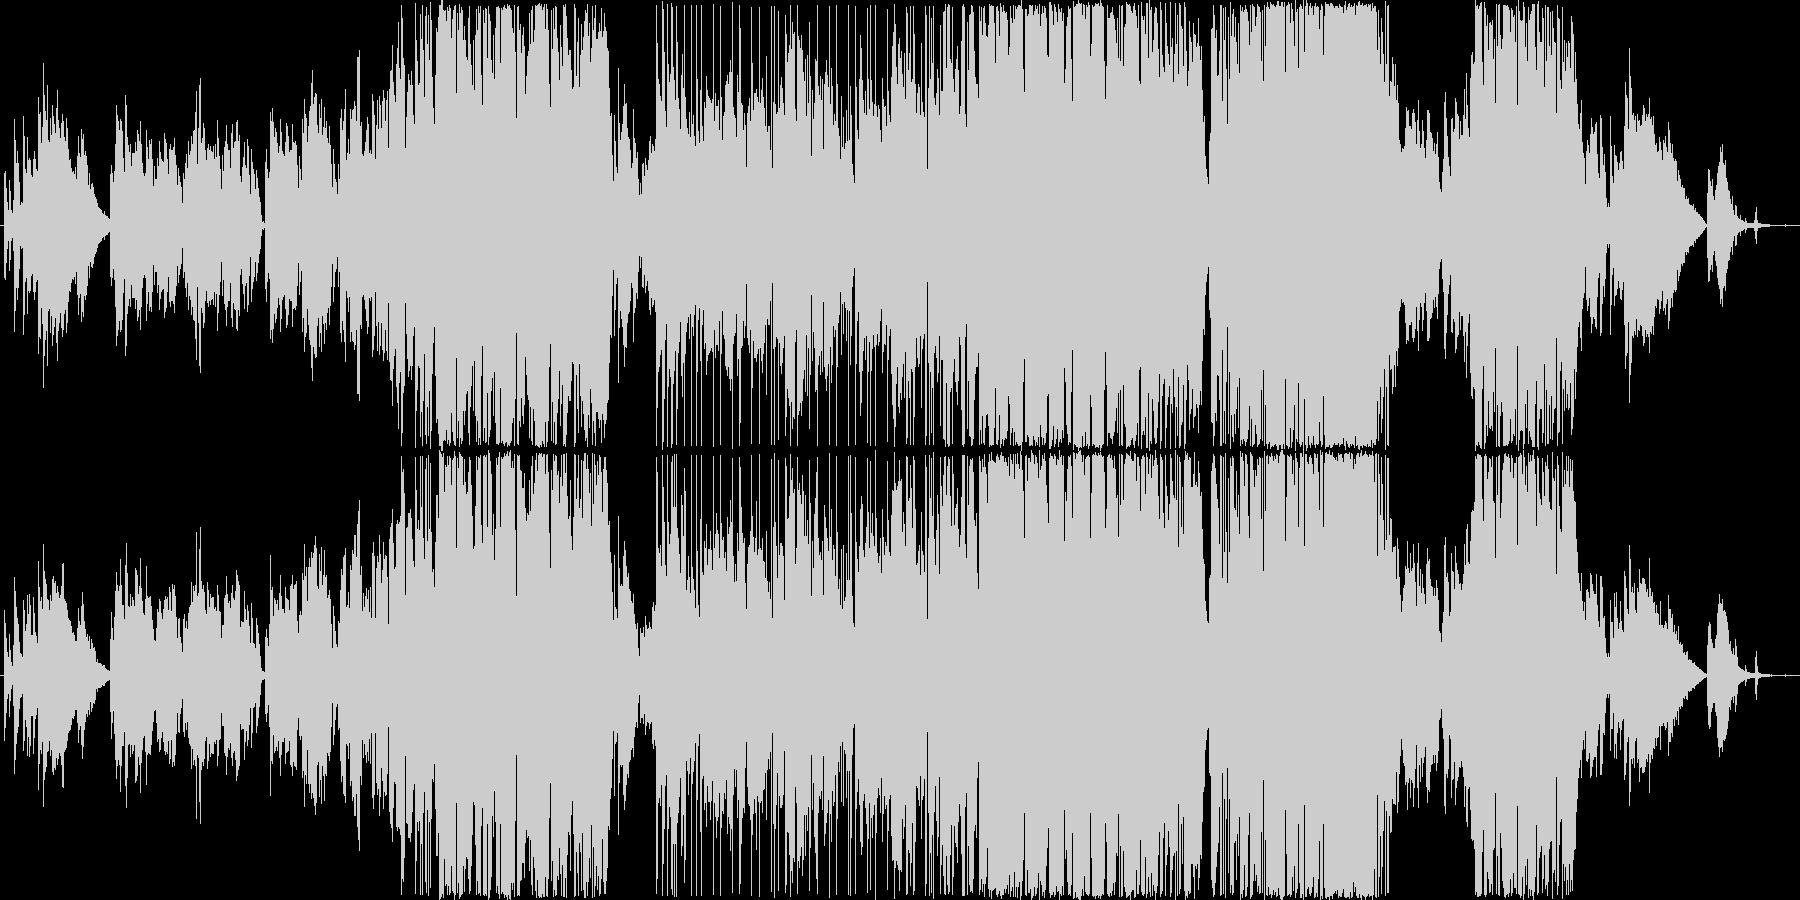 エンディングを思わせる優しいバラードの未再生の波形